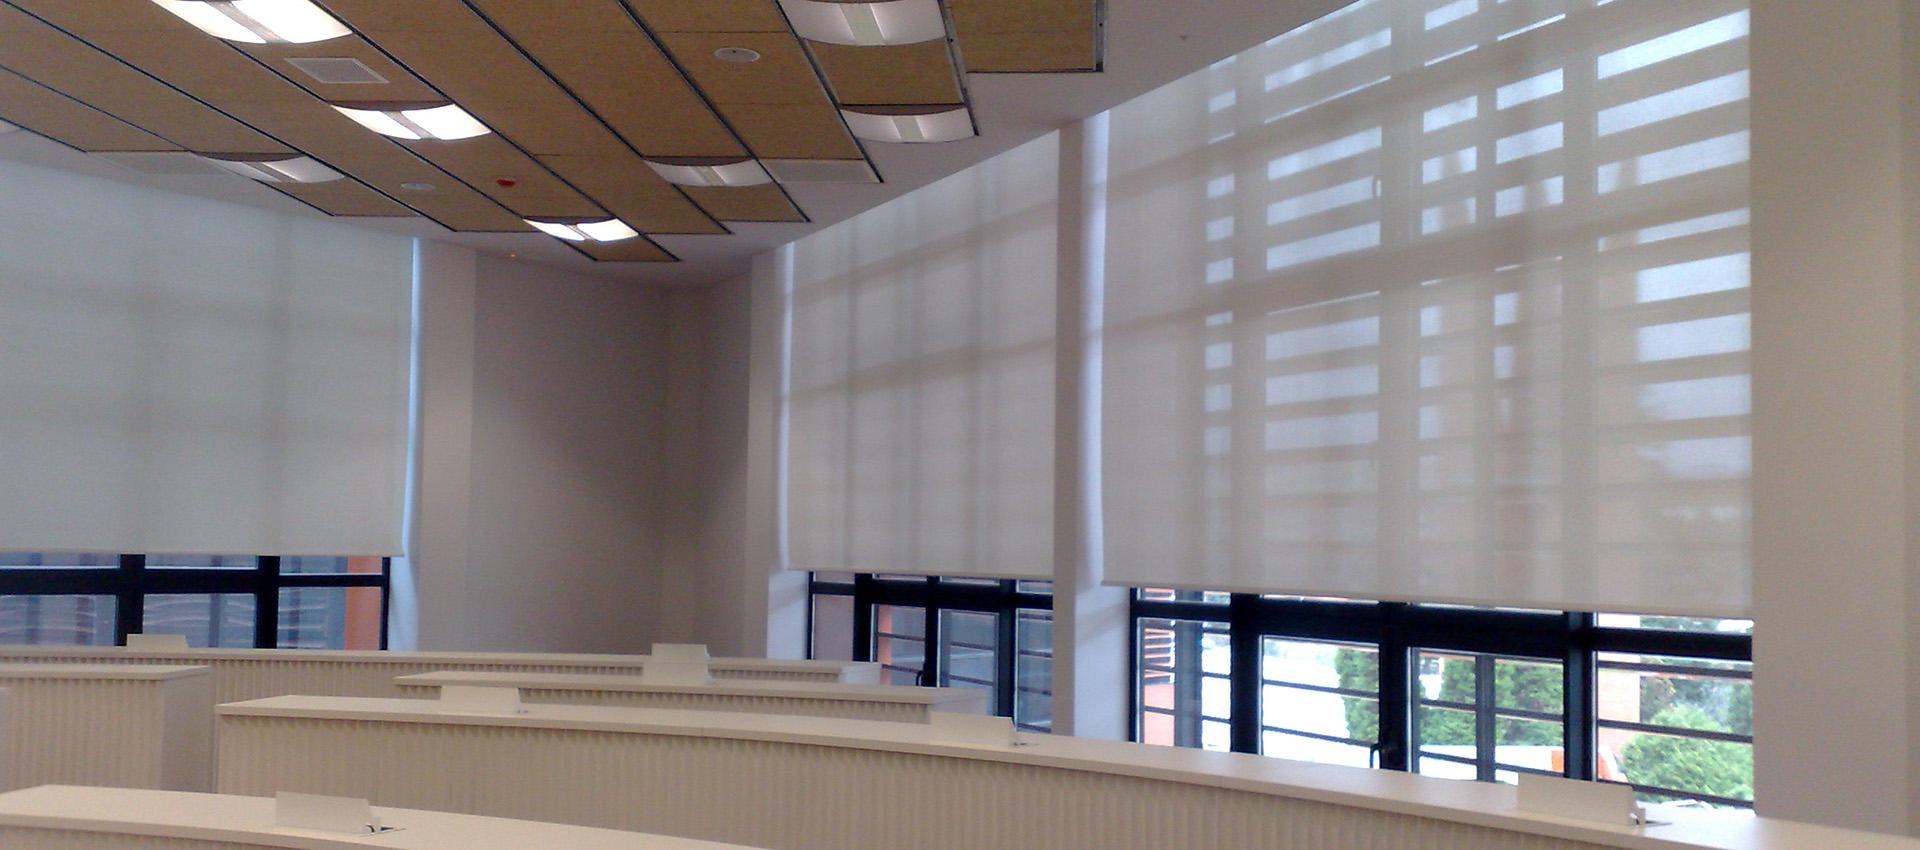 Instalación de cortinas de grandes dimensiones